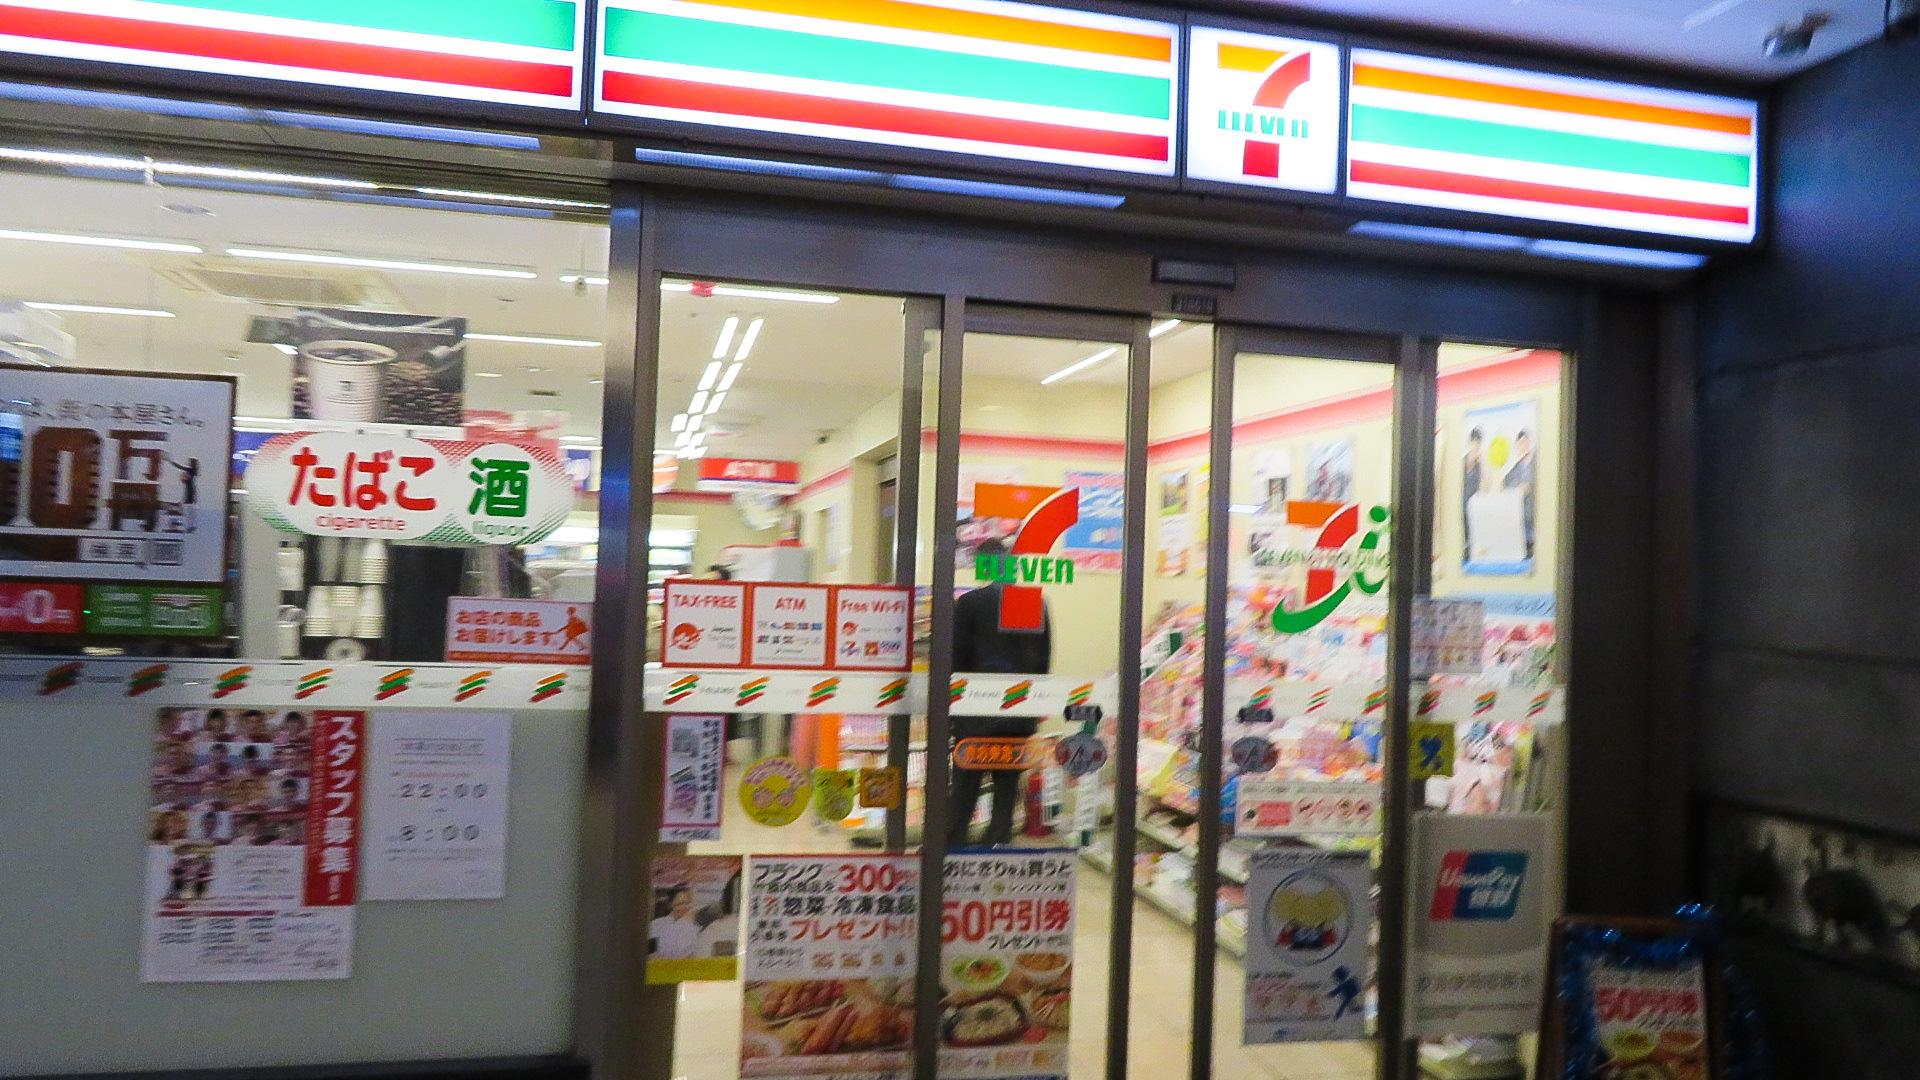 Les supermarchés japonais